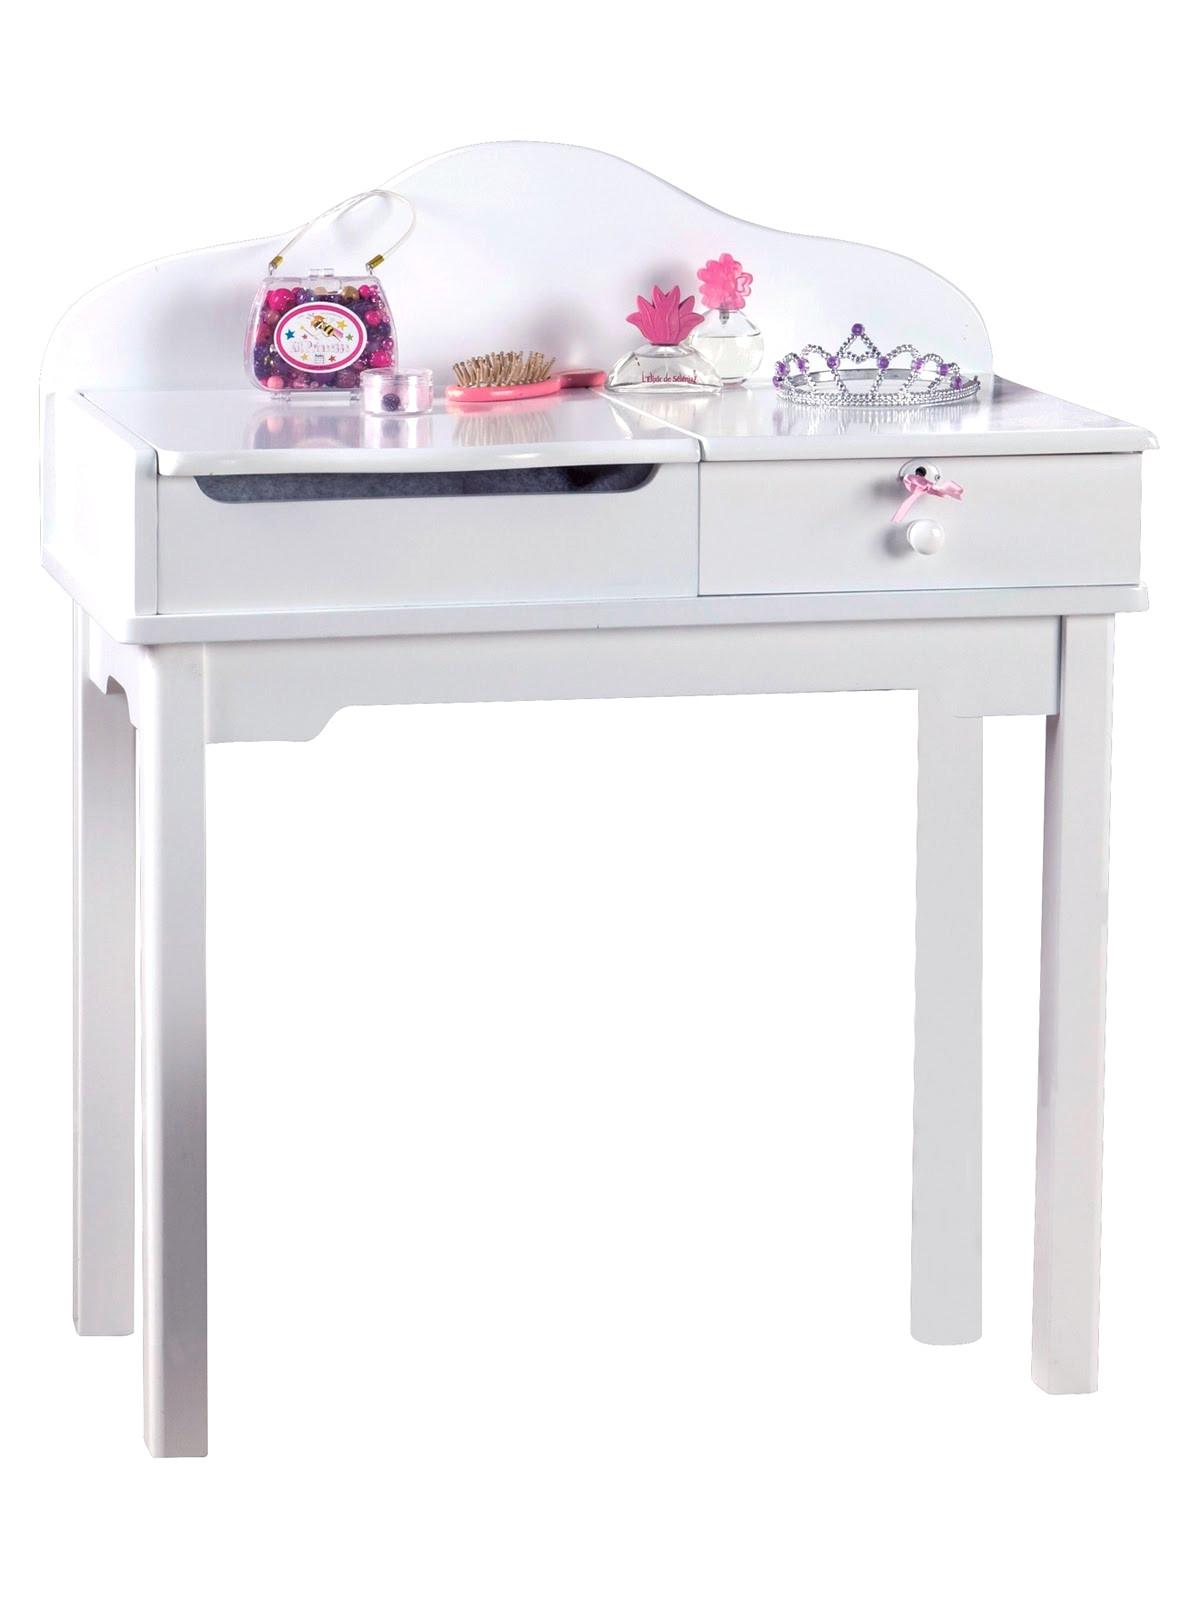 Vert Baudet Fille Impressionnant Collection Bureau Junior Fille 12 Ecolier Blanc En Collection Avec Ikea Des